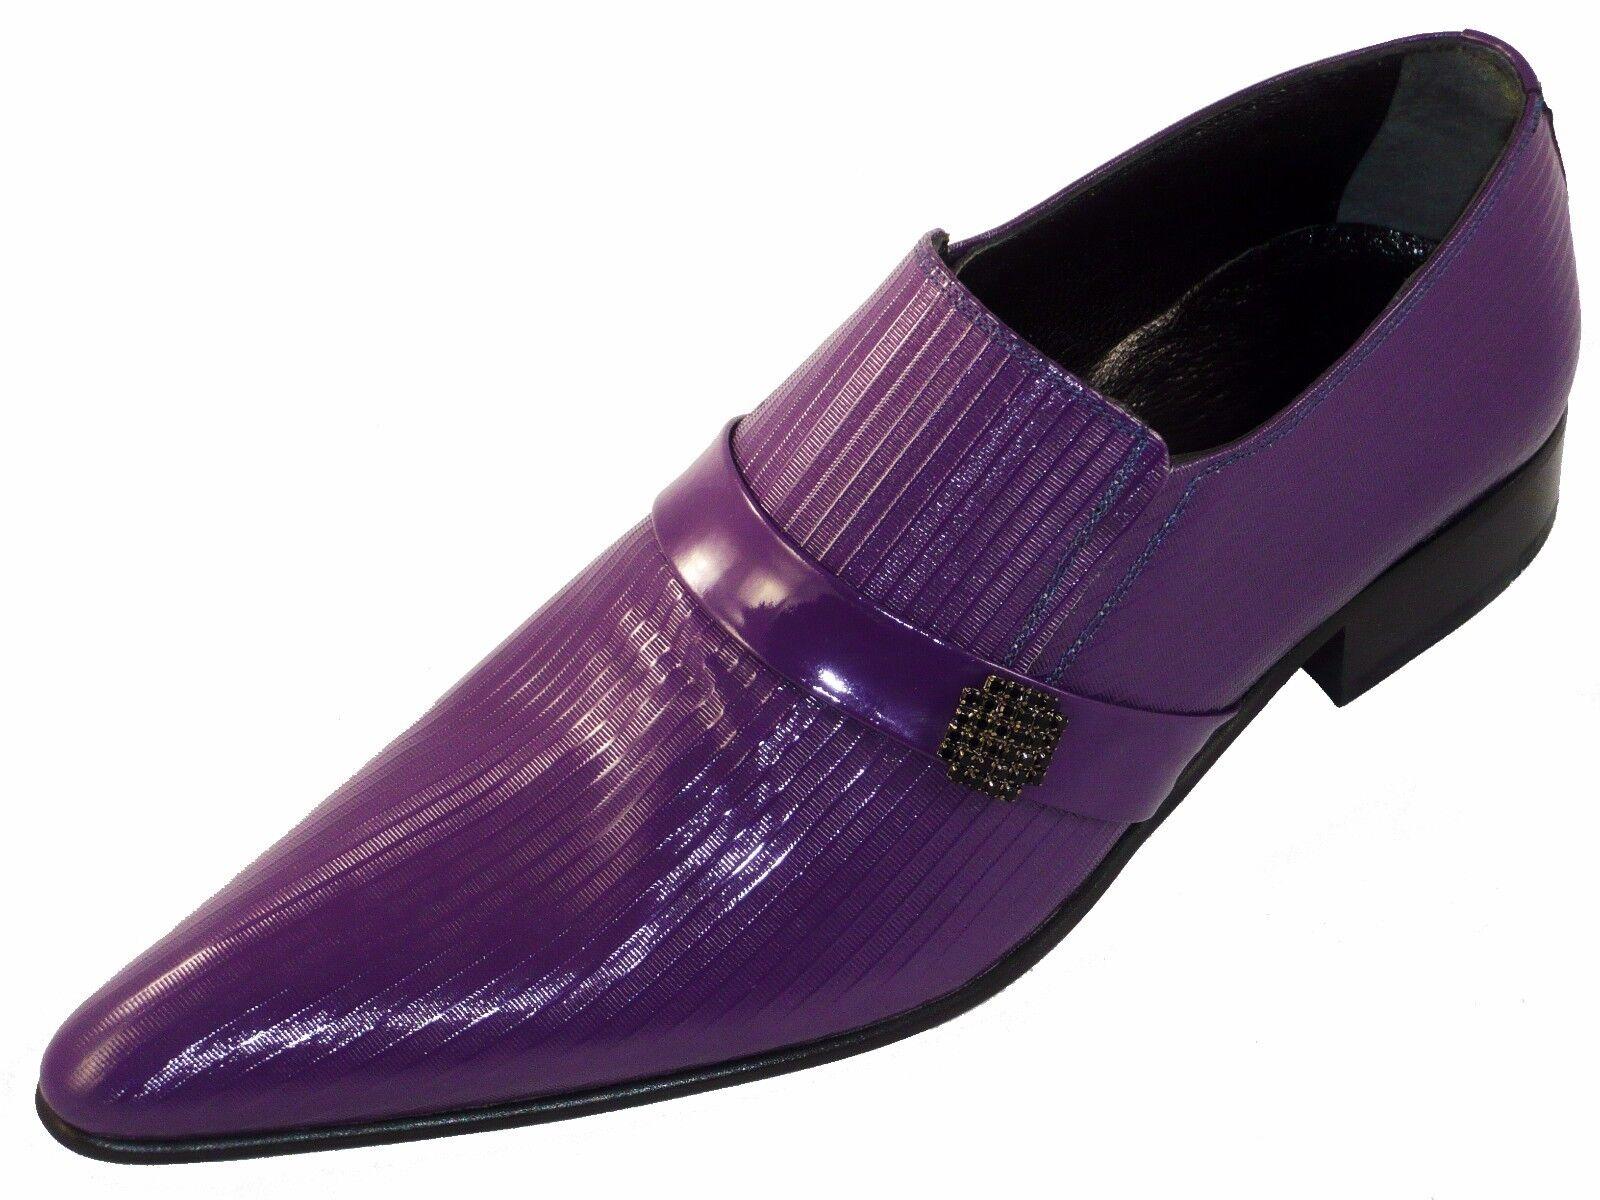 Original Chelsy - Top Italienische Designer Slipper handmade Kalbsleder purple